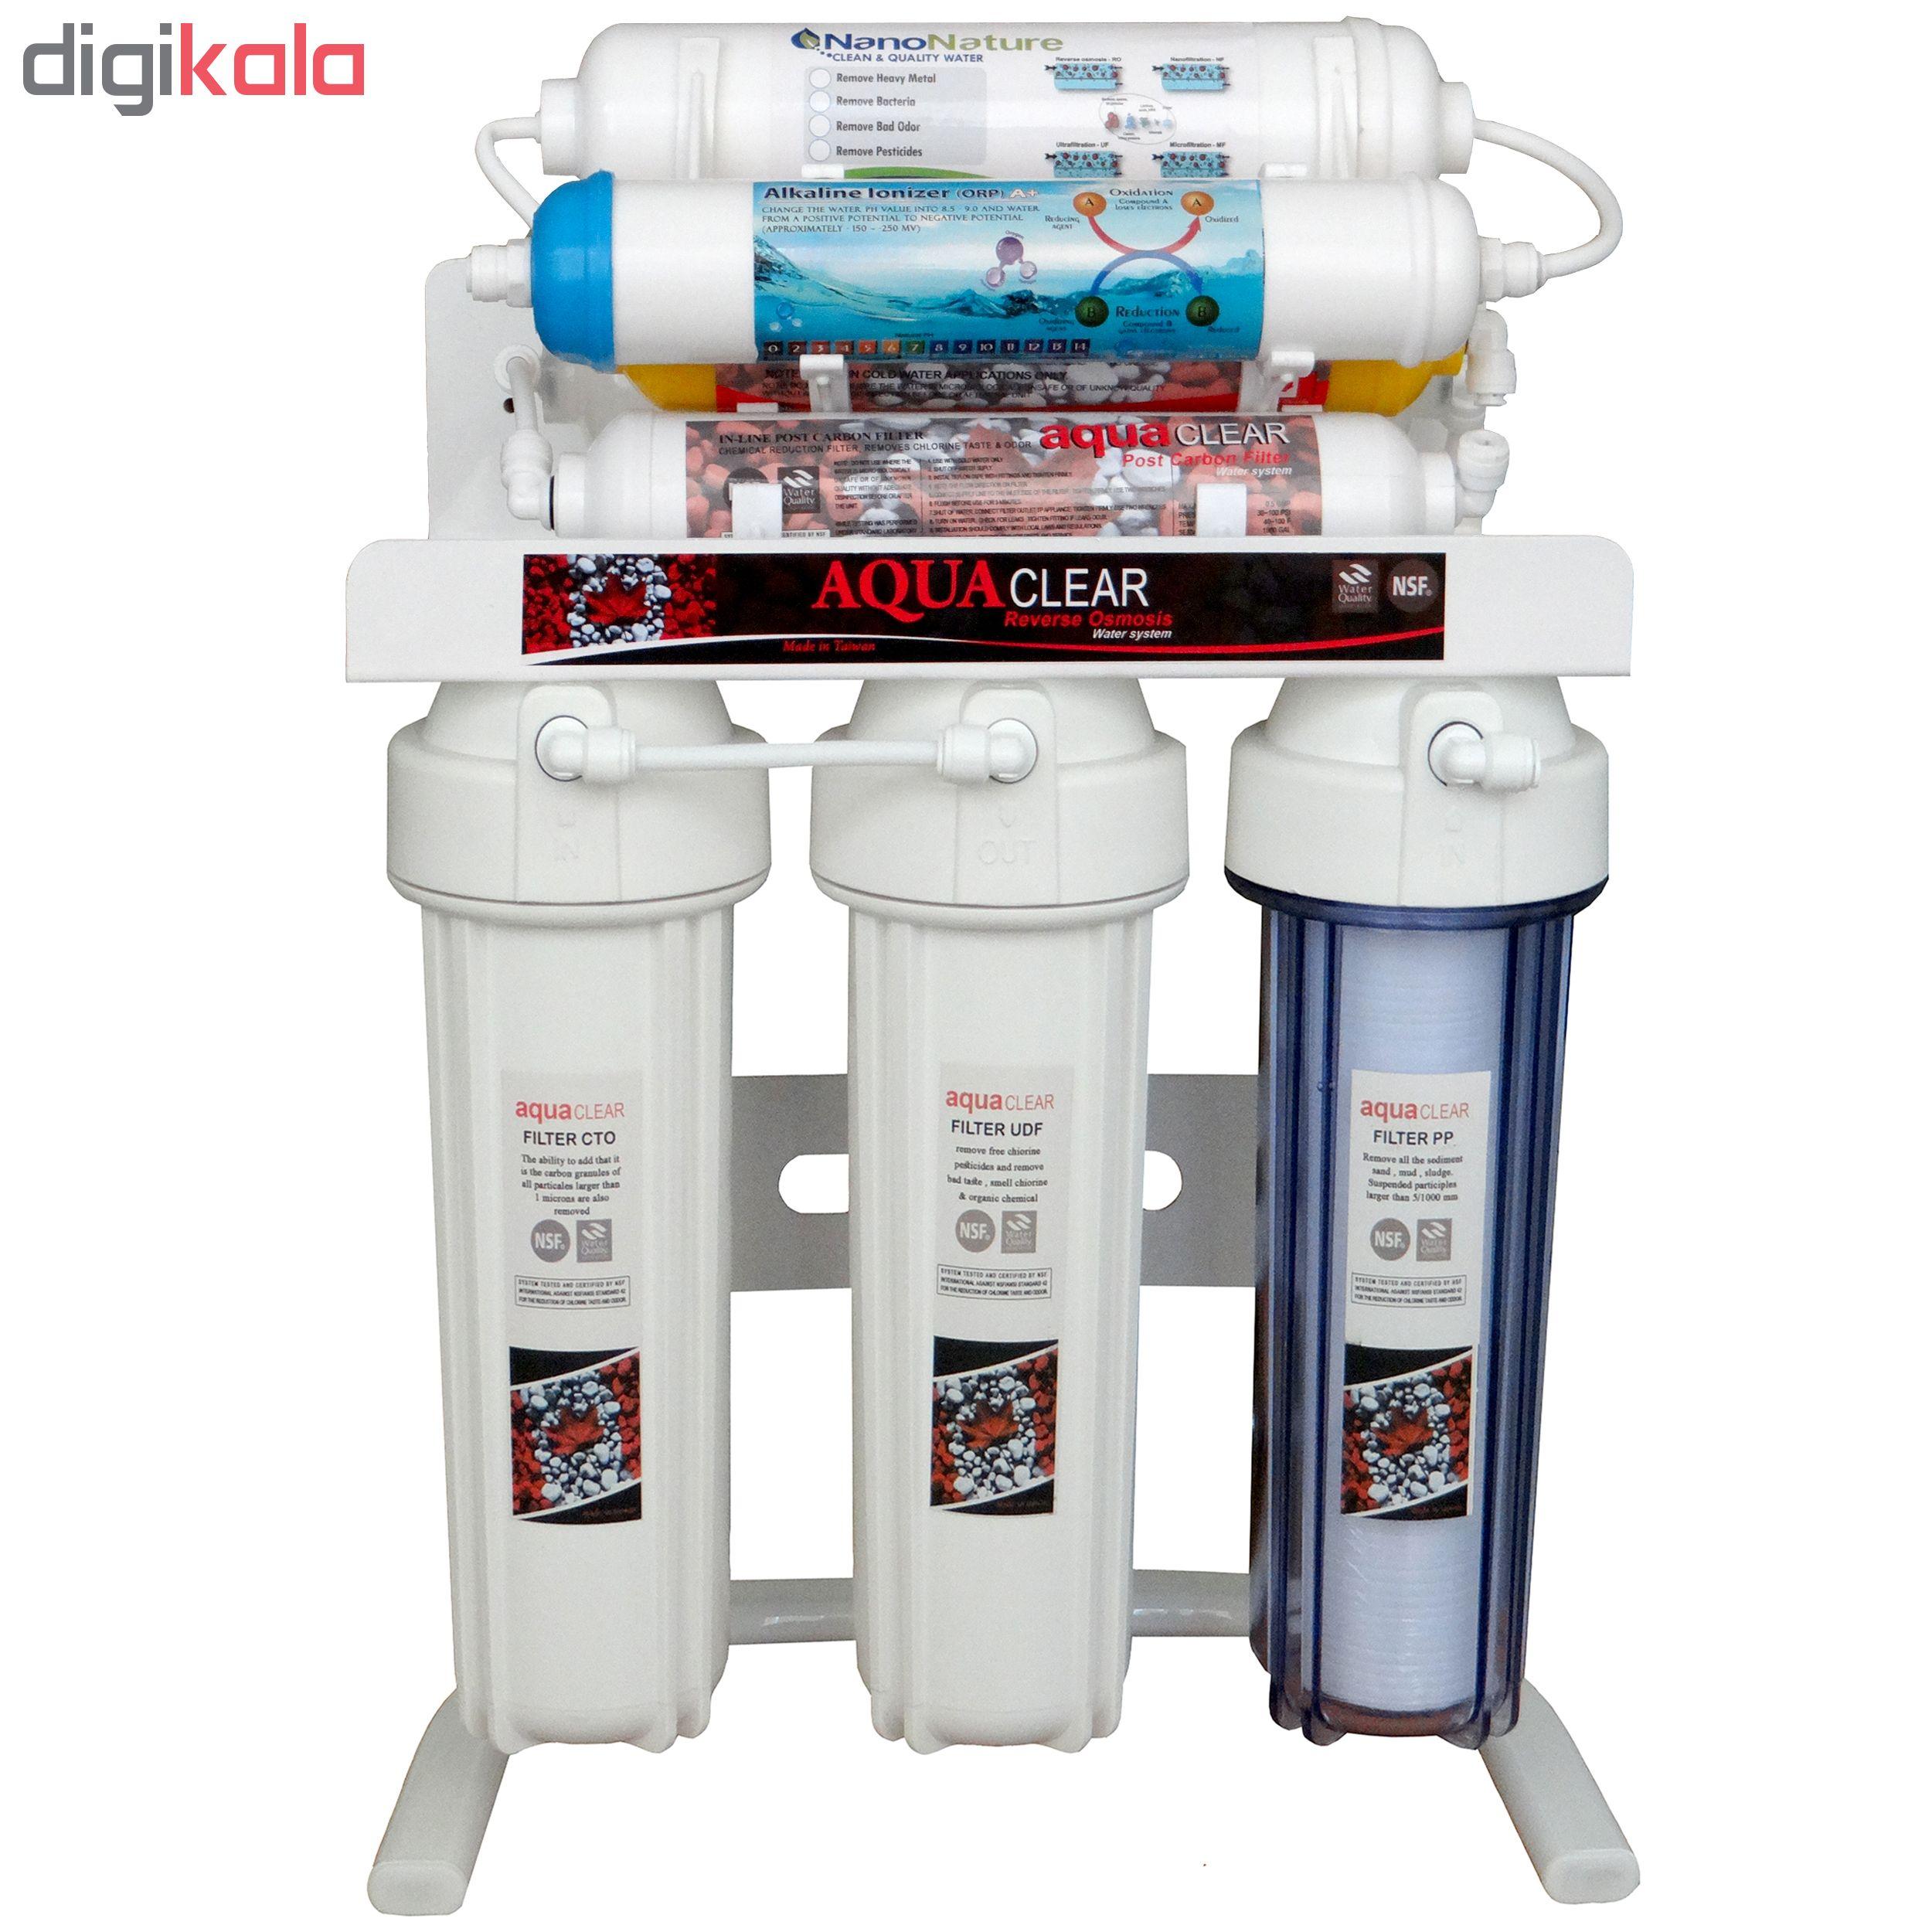 دستگاه تصفیه کننده آب آکوآ کلر مدل AQ-UF950